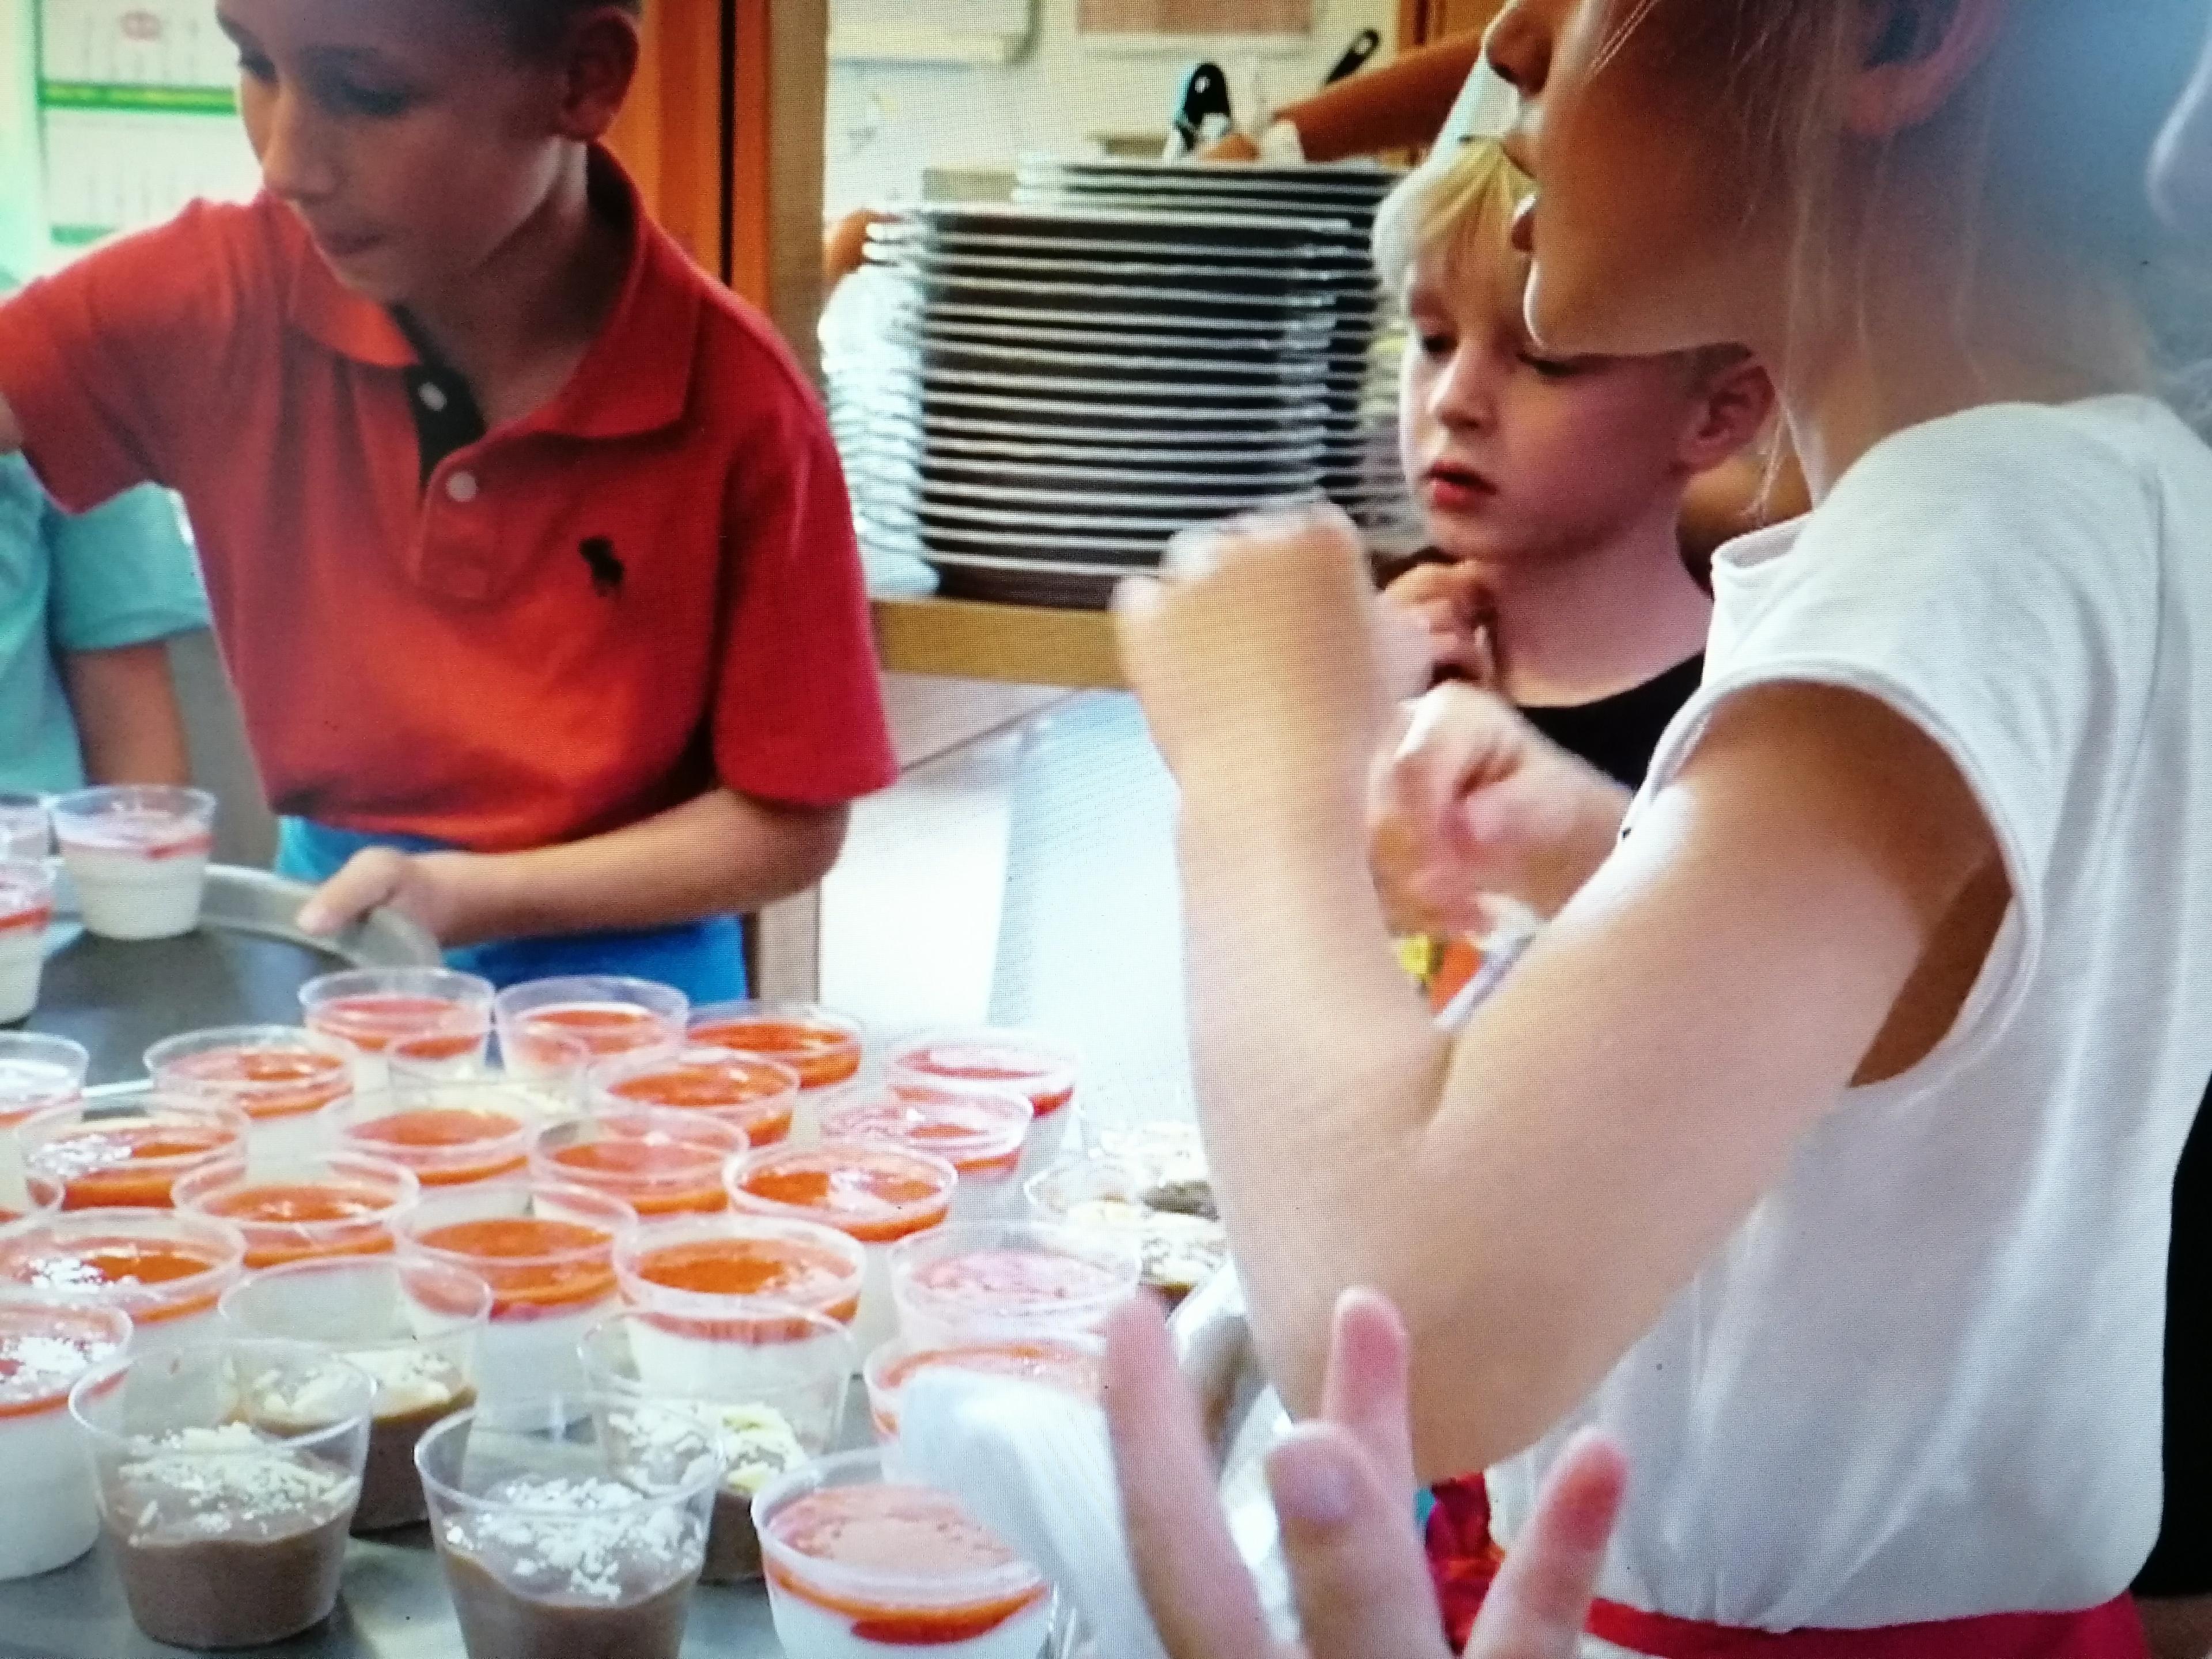 Drei Kinder füllen den Nachtisch in einzelne Portionen ab.